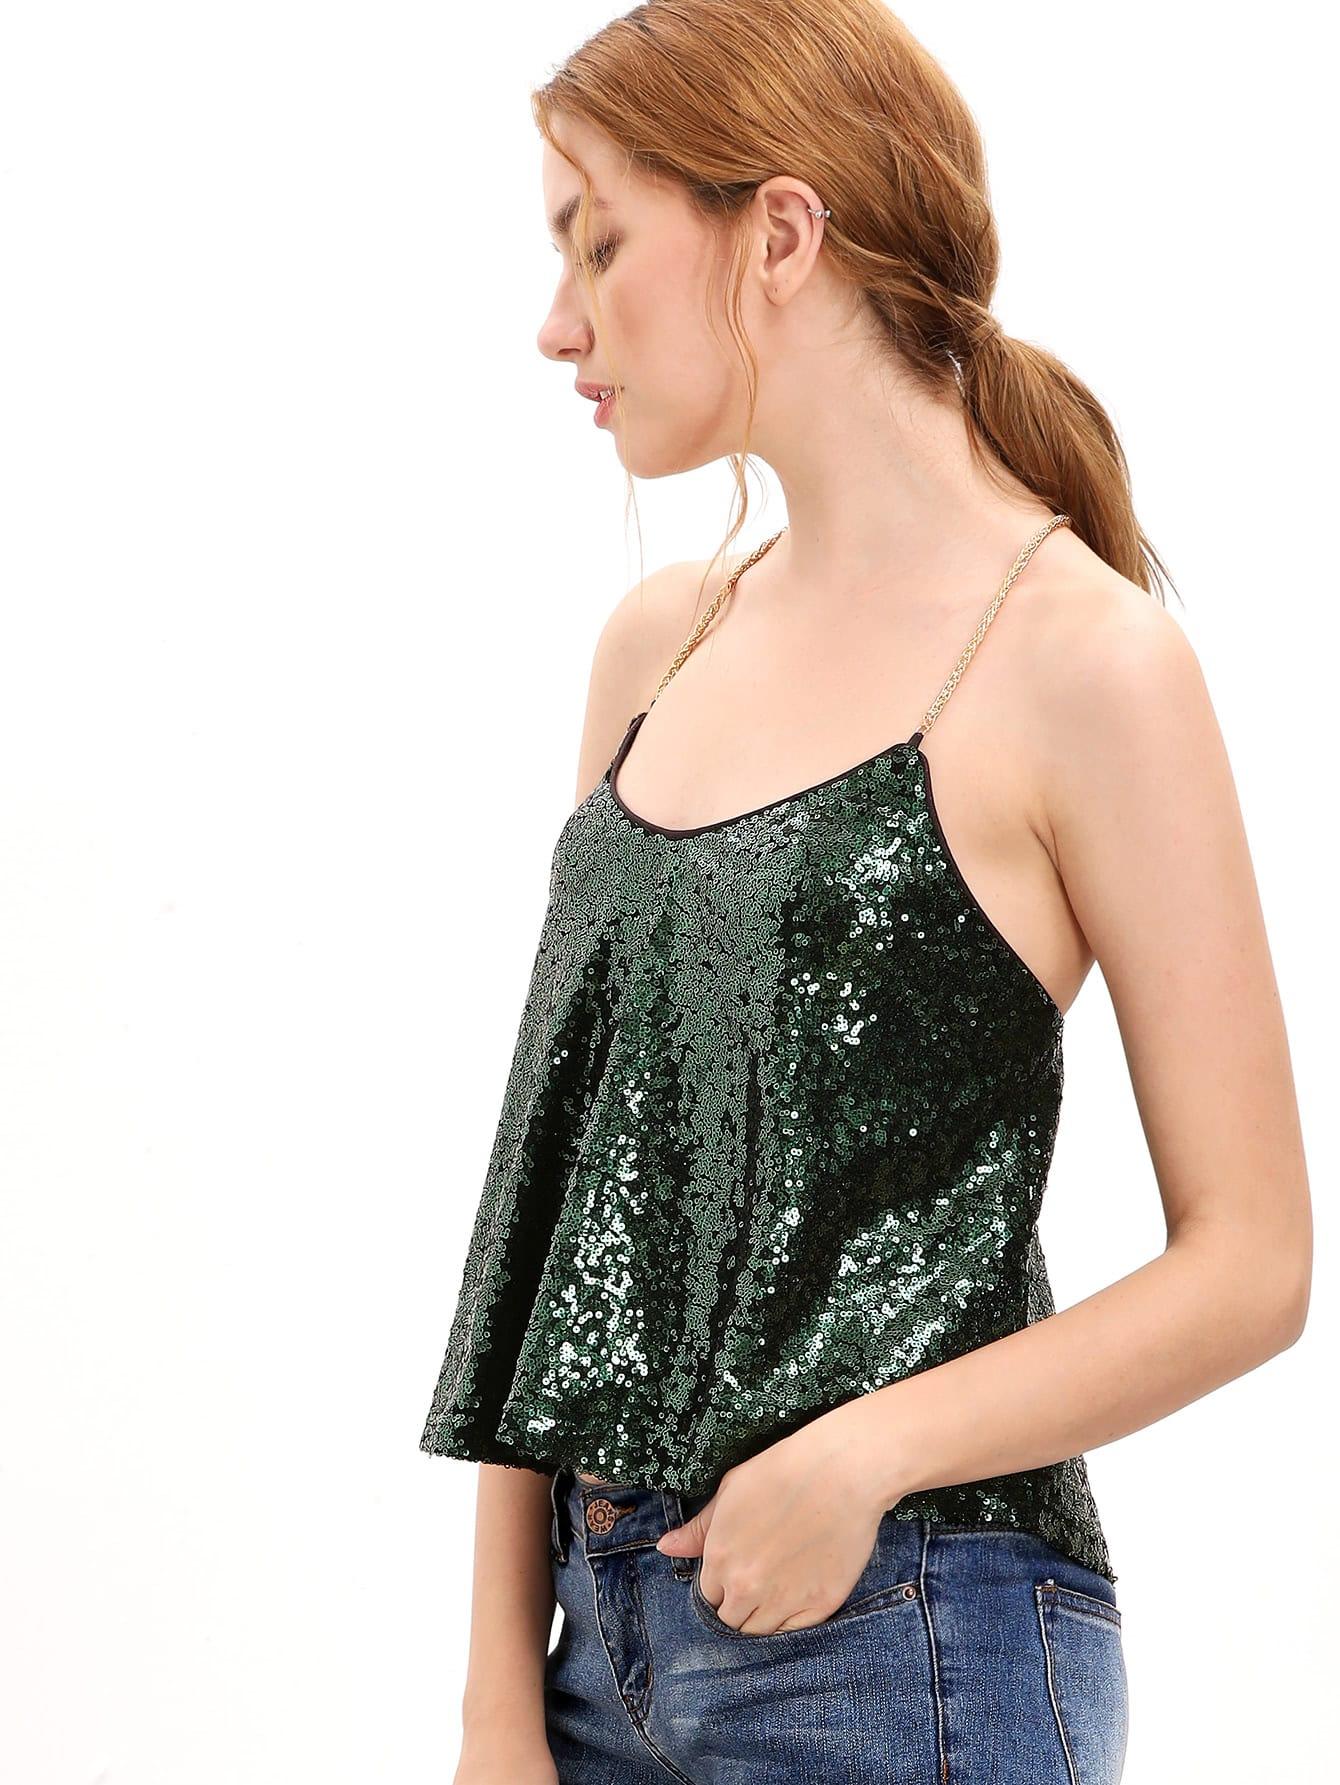 Dark Green Criss Cross Sequined Cami Top vest161011574